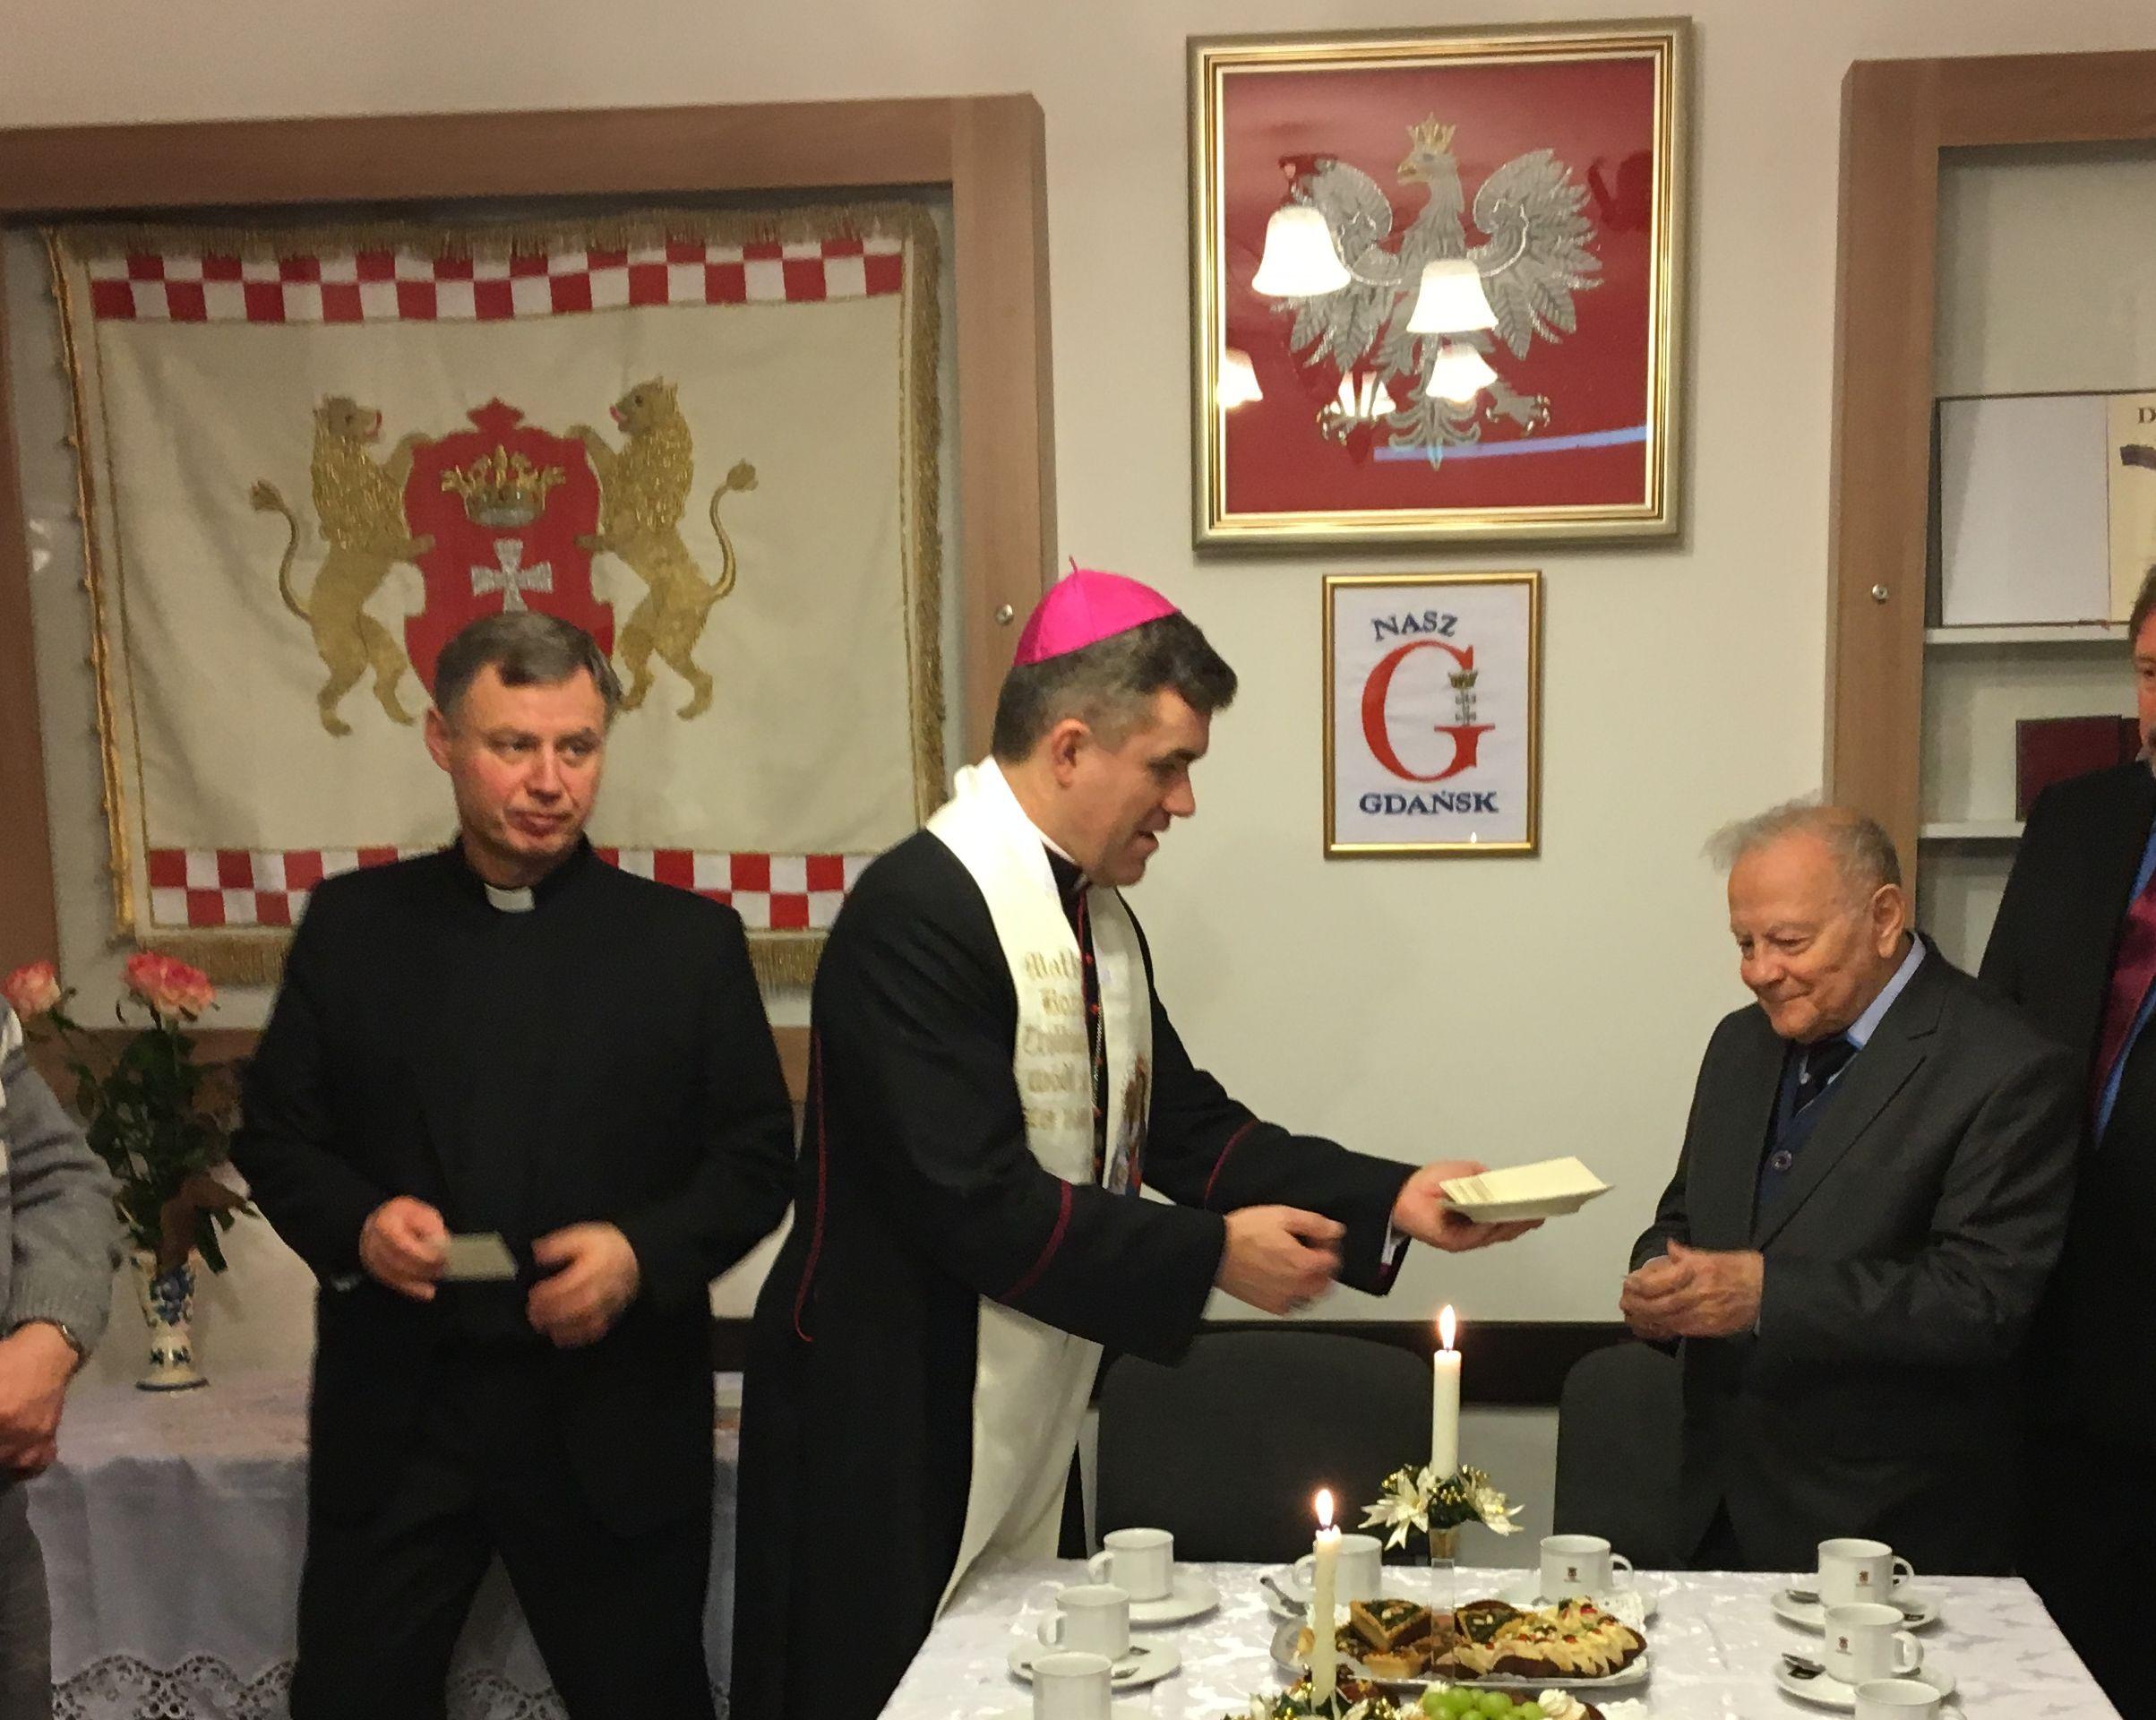 NG Opłatek z biskupem fot_J_Wikowski IMG_1643 — kopia